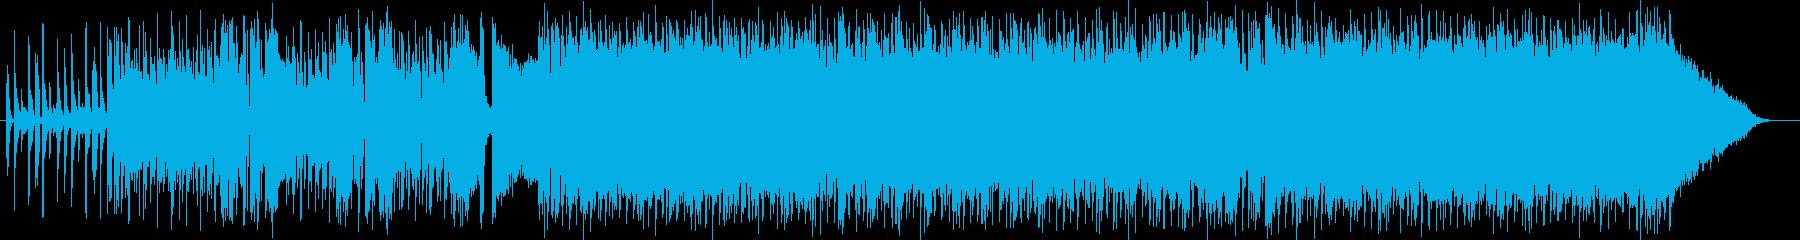 ワイルドでクールなエレキロックサウンドの再生済みの波形